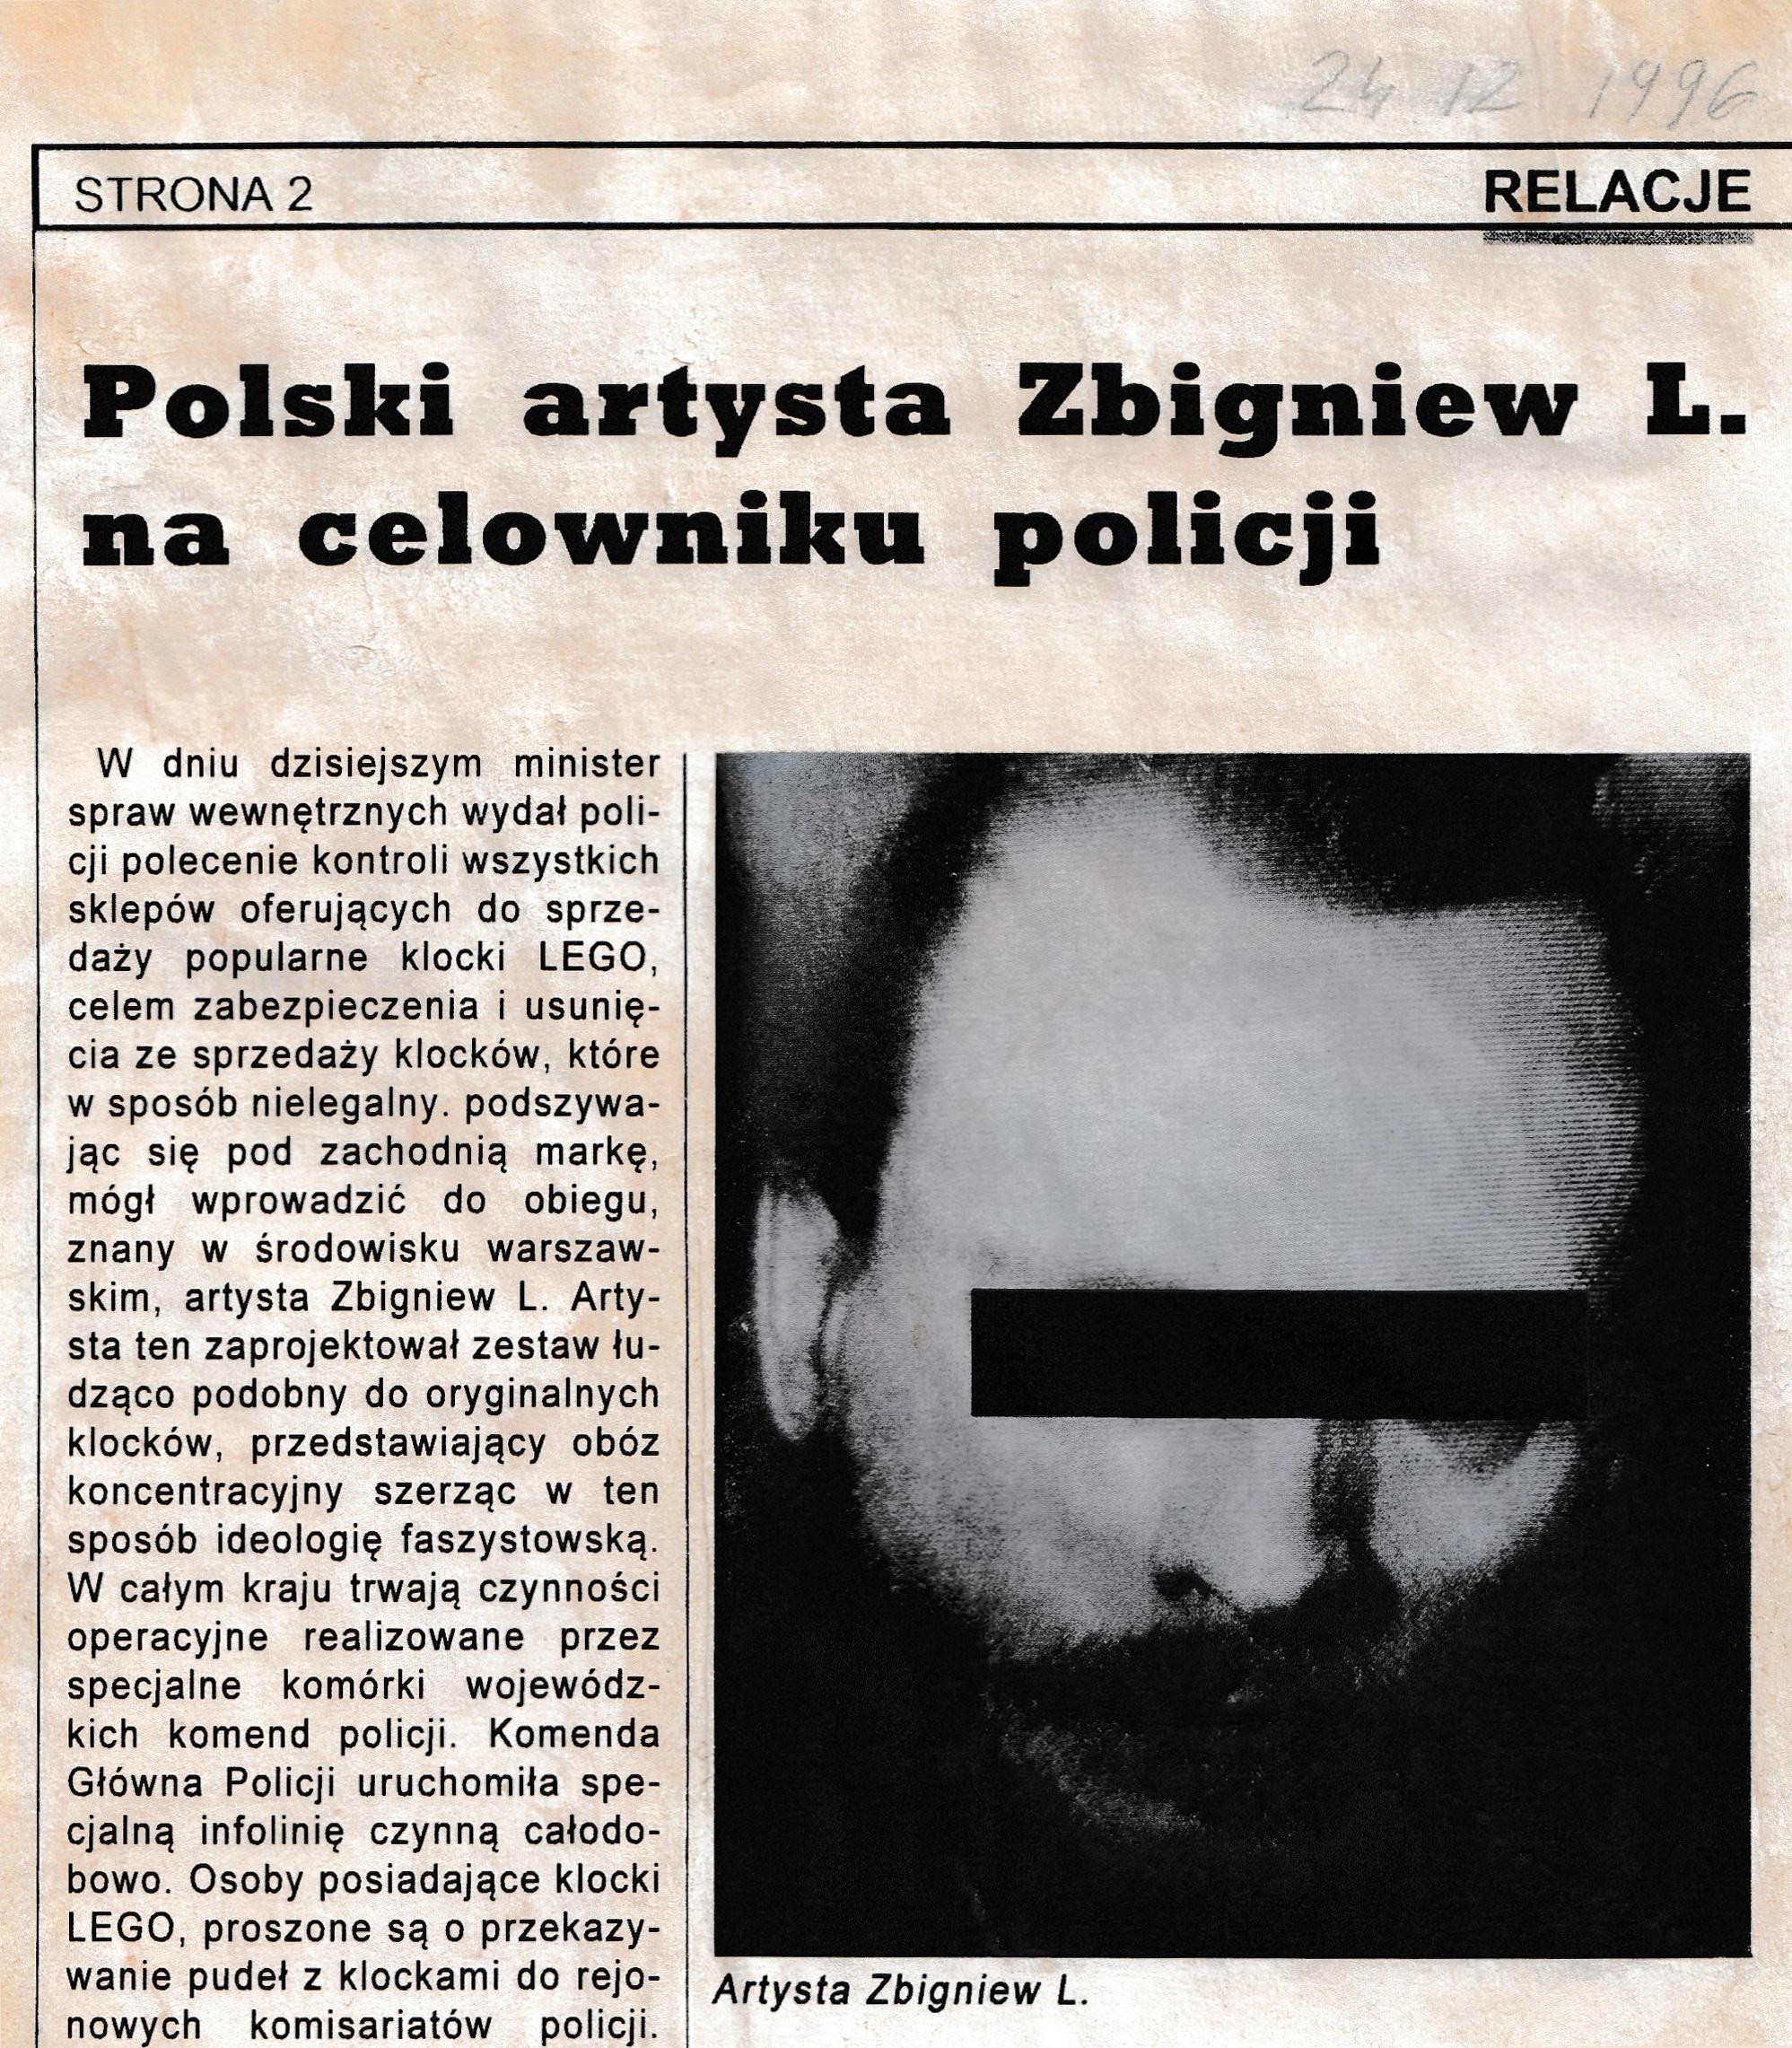 Wycinek prasowy oZbigniewie L., 1996